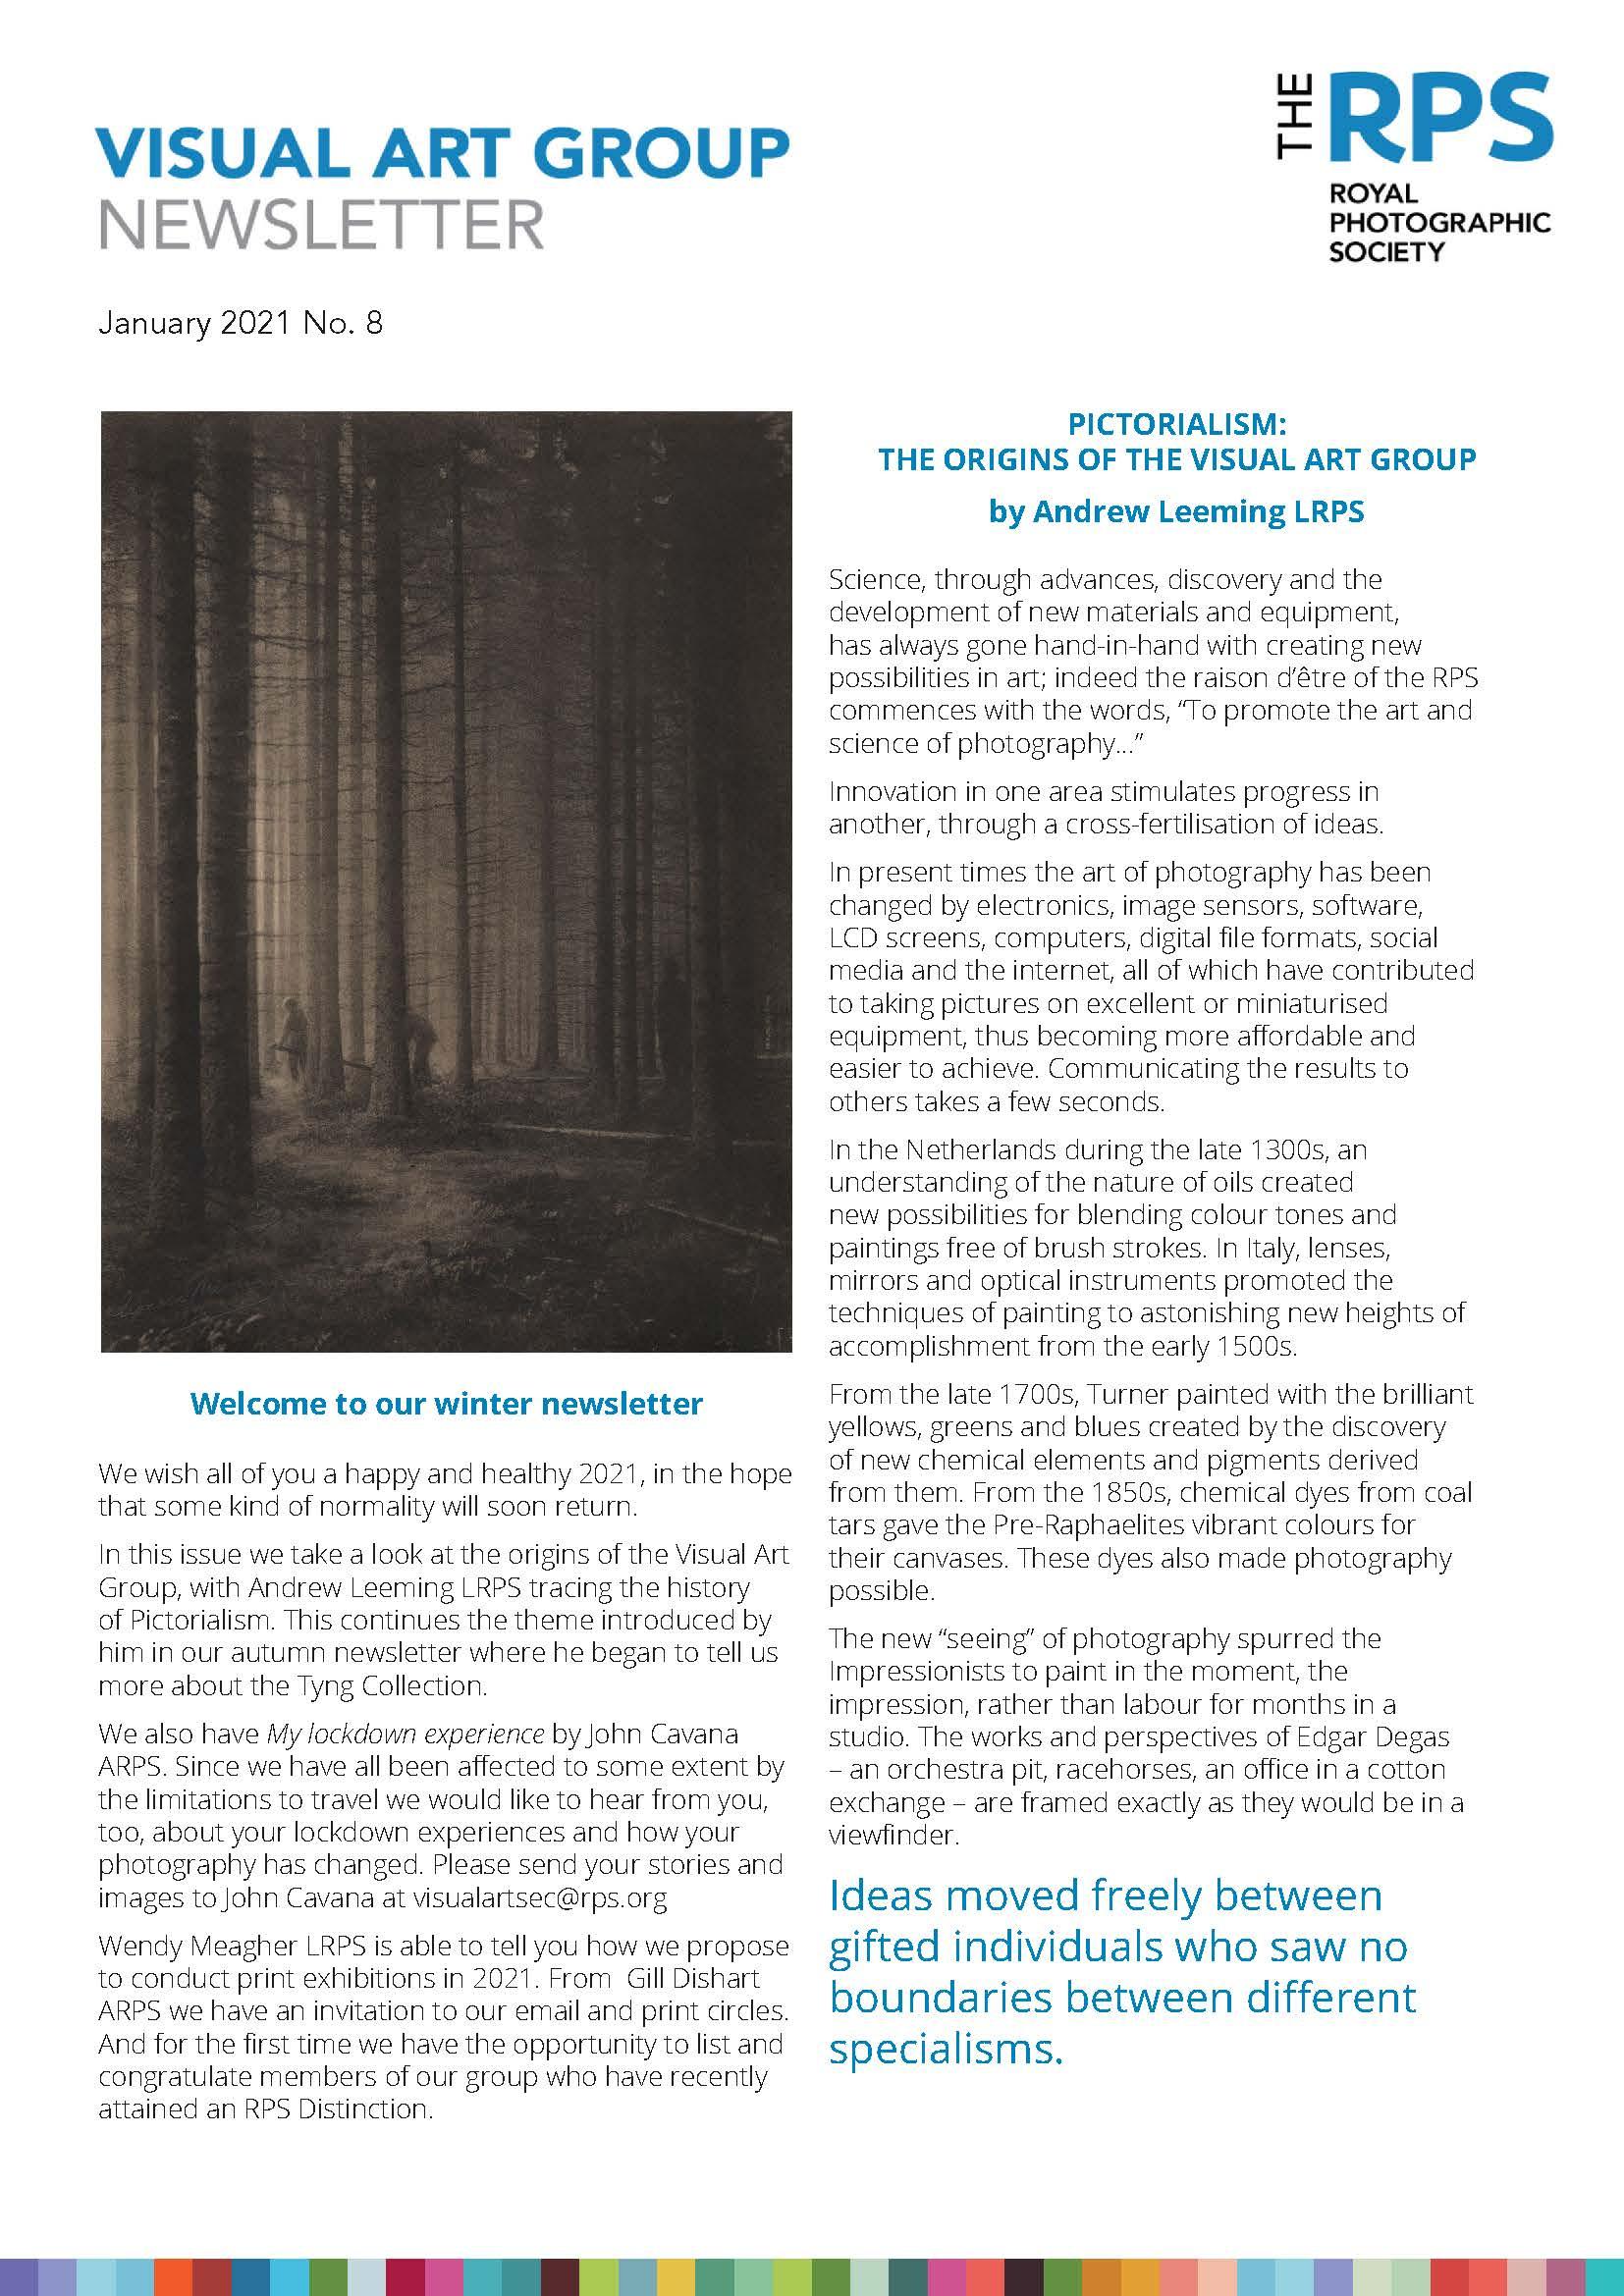 VAG Newsletter No 8 January 2021